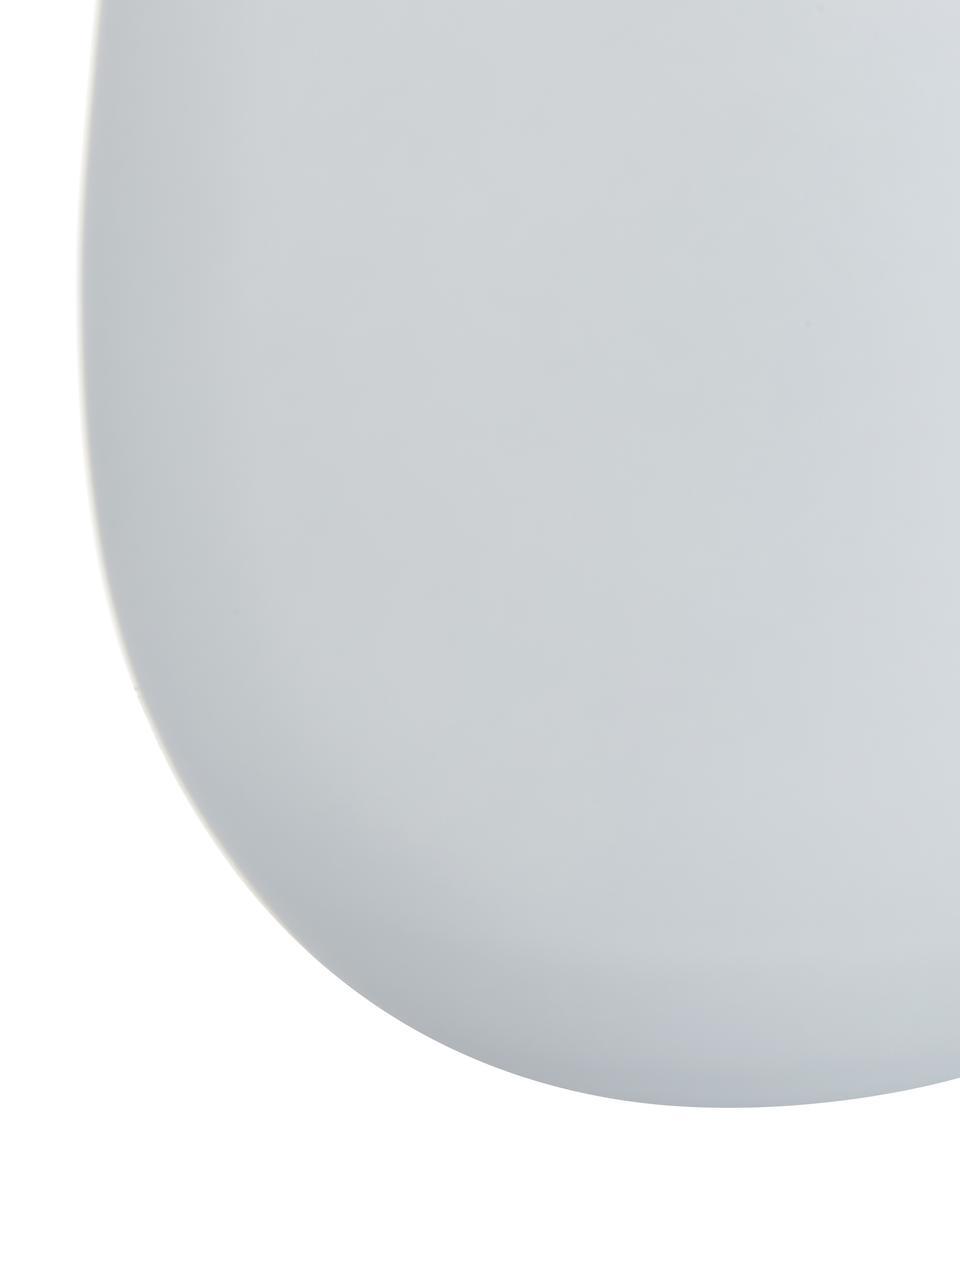 Kristall-Longdrinkgläser Elements in Weiß/Gold, 6er-Set, Kristallglas, beschichtet, Weiß, Messingfarben, Ø 9 x H 12 cm